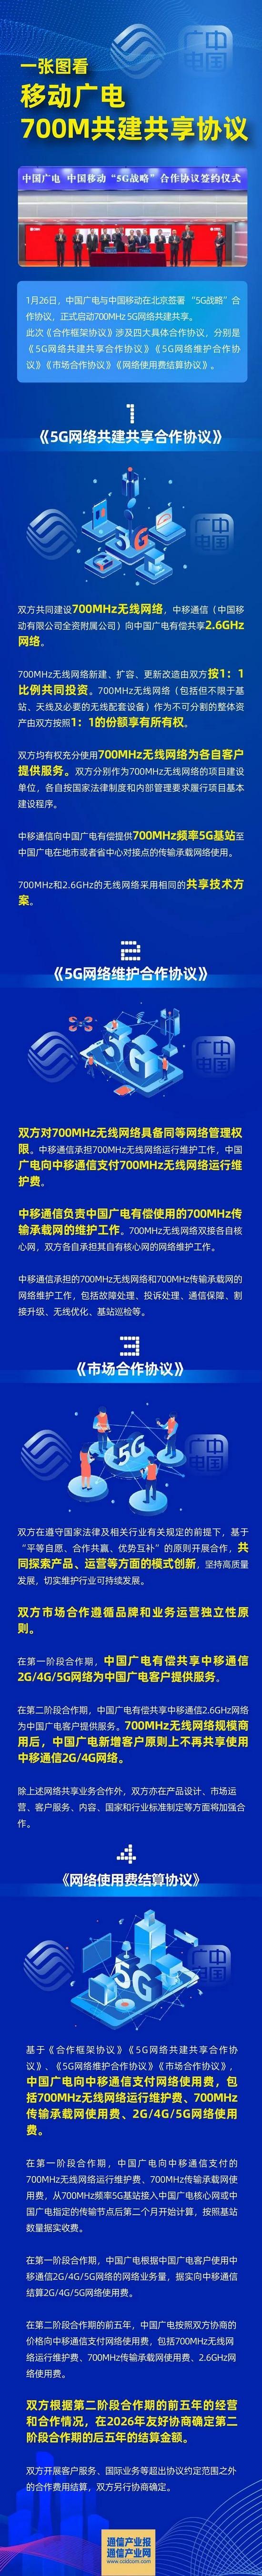 微信图片_20210128084107.jpg